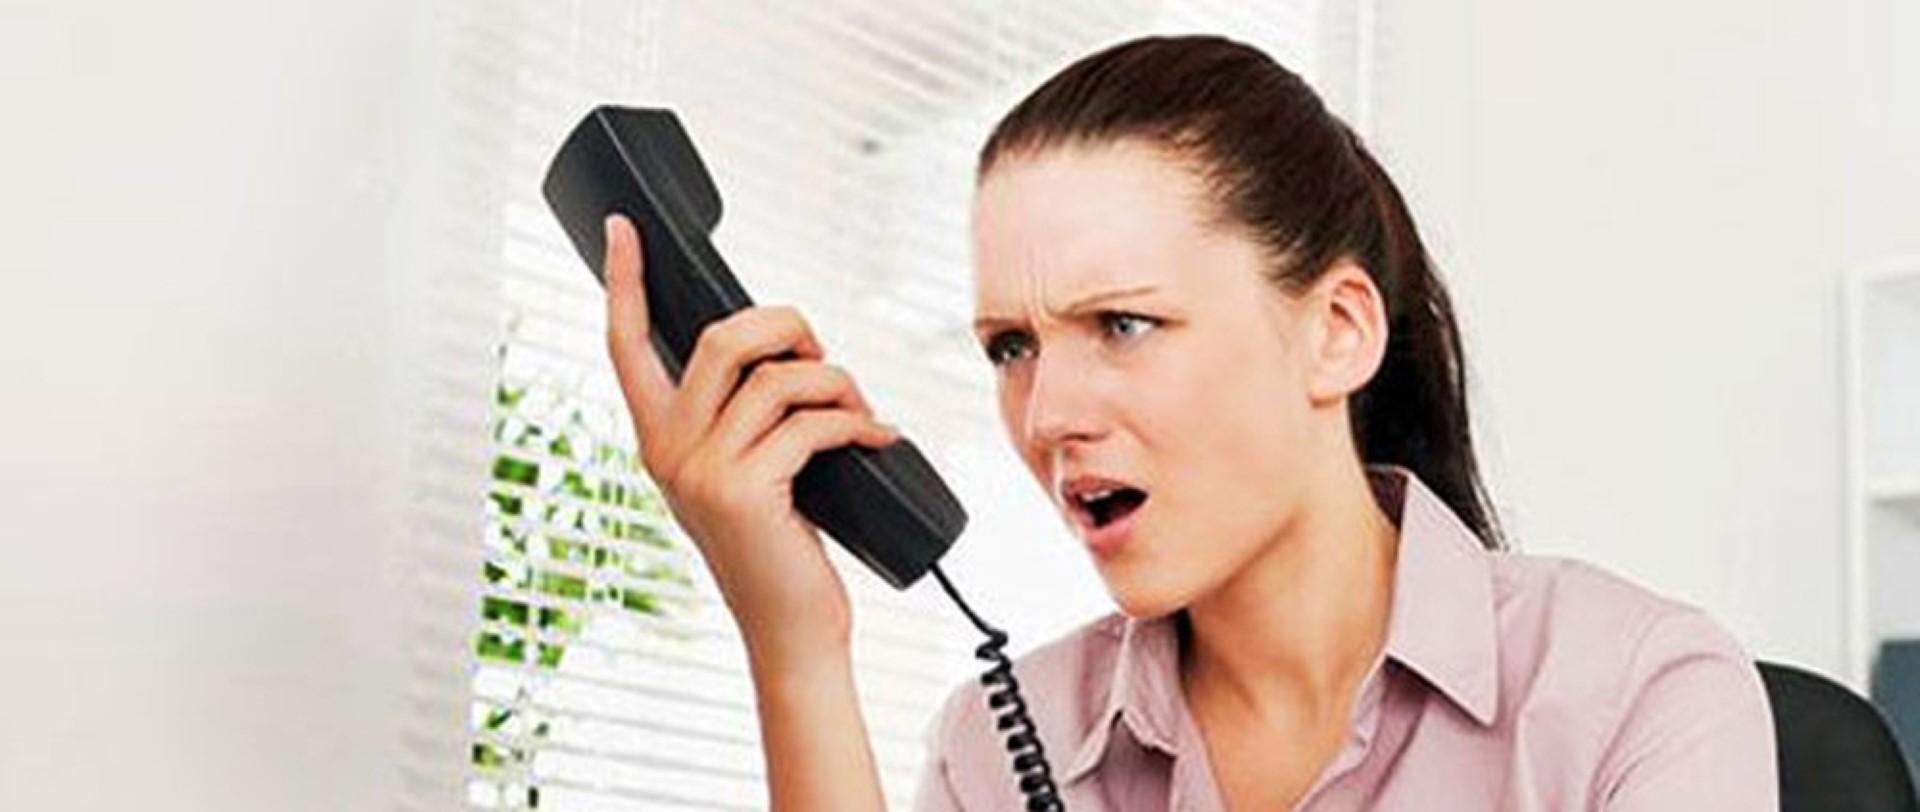 Звонят коллекторы - что делать, если достали звонками по кредиту и как с ними разговаривать